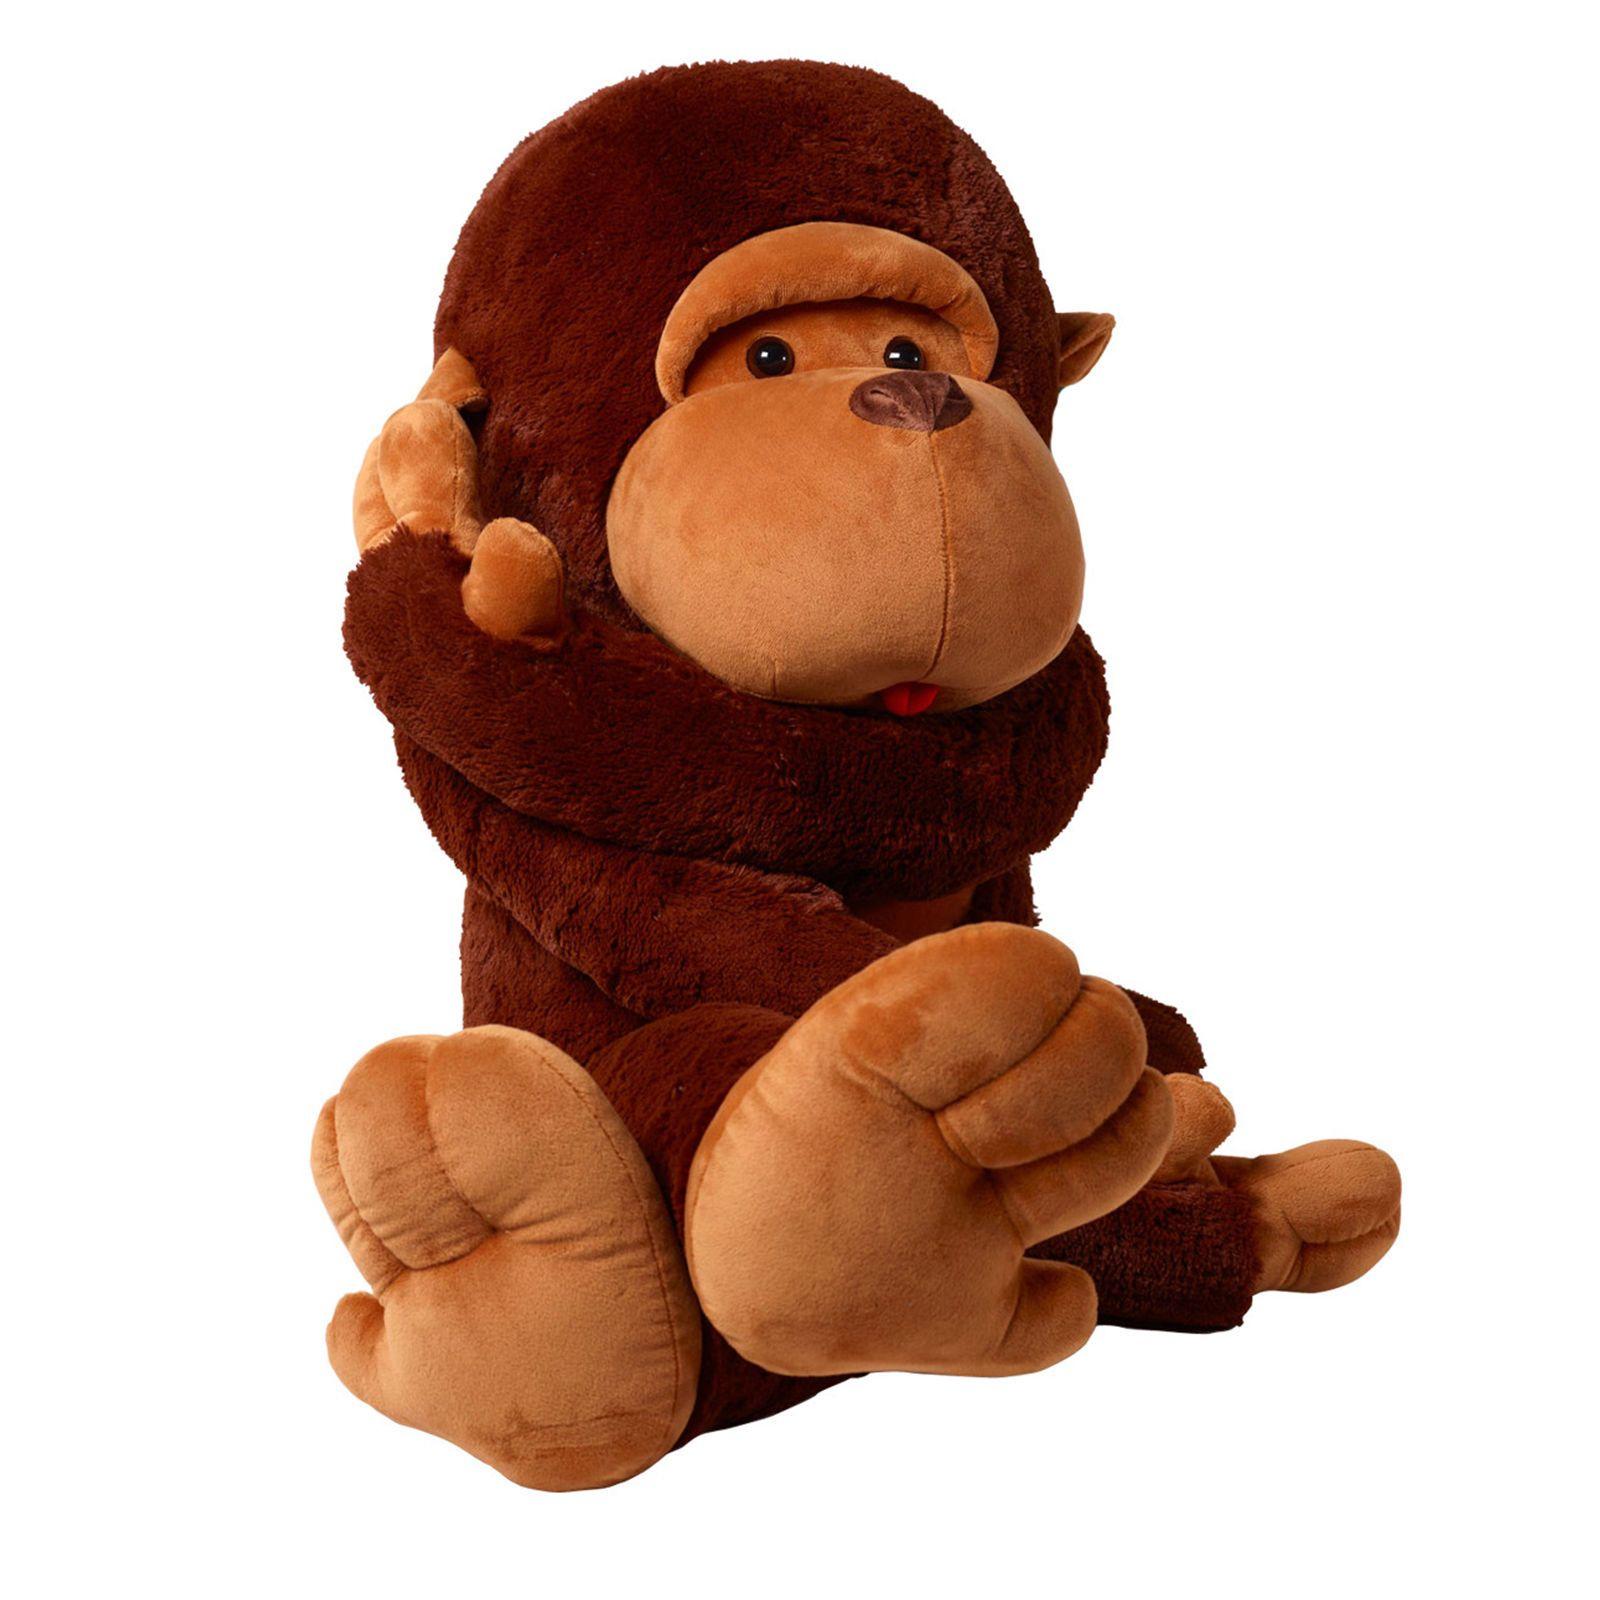 2019 51customized Jumbo Giant Huge Stuffed Animal Teddy Monkey Plush